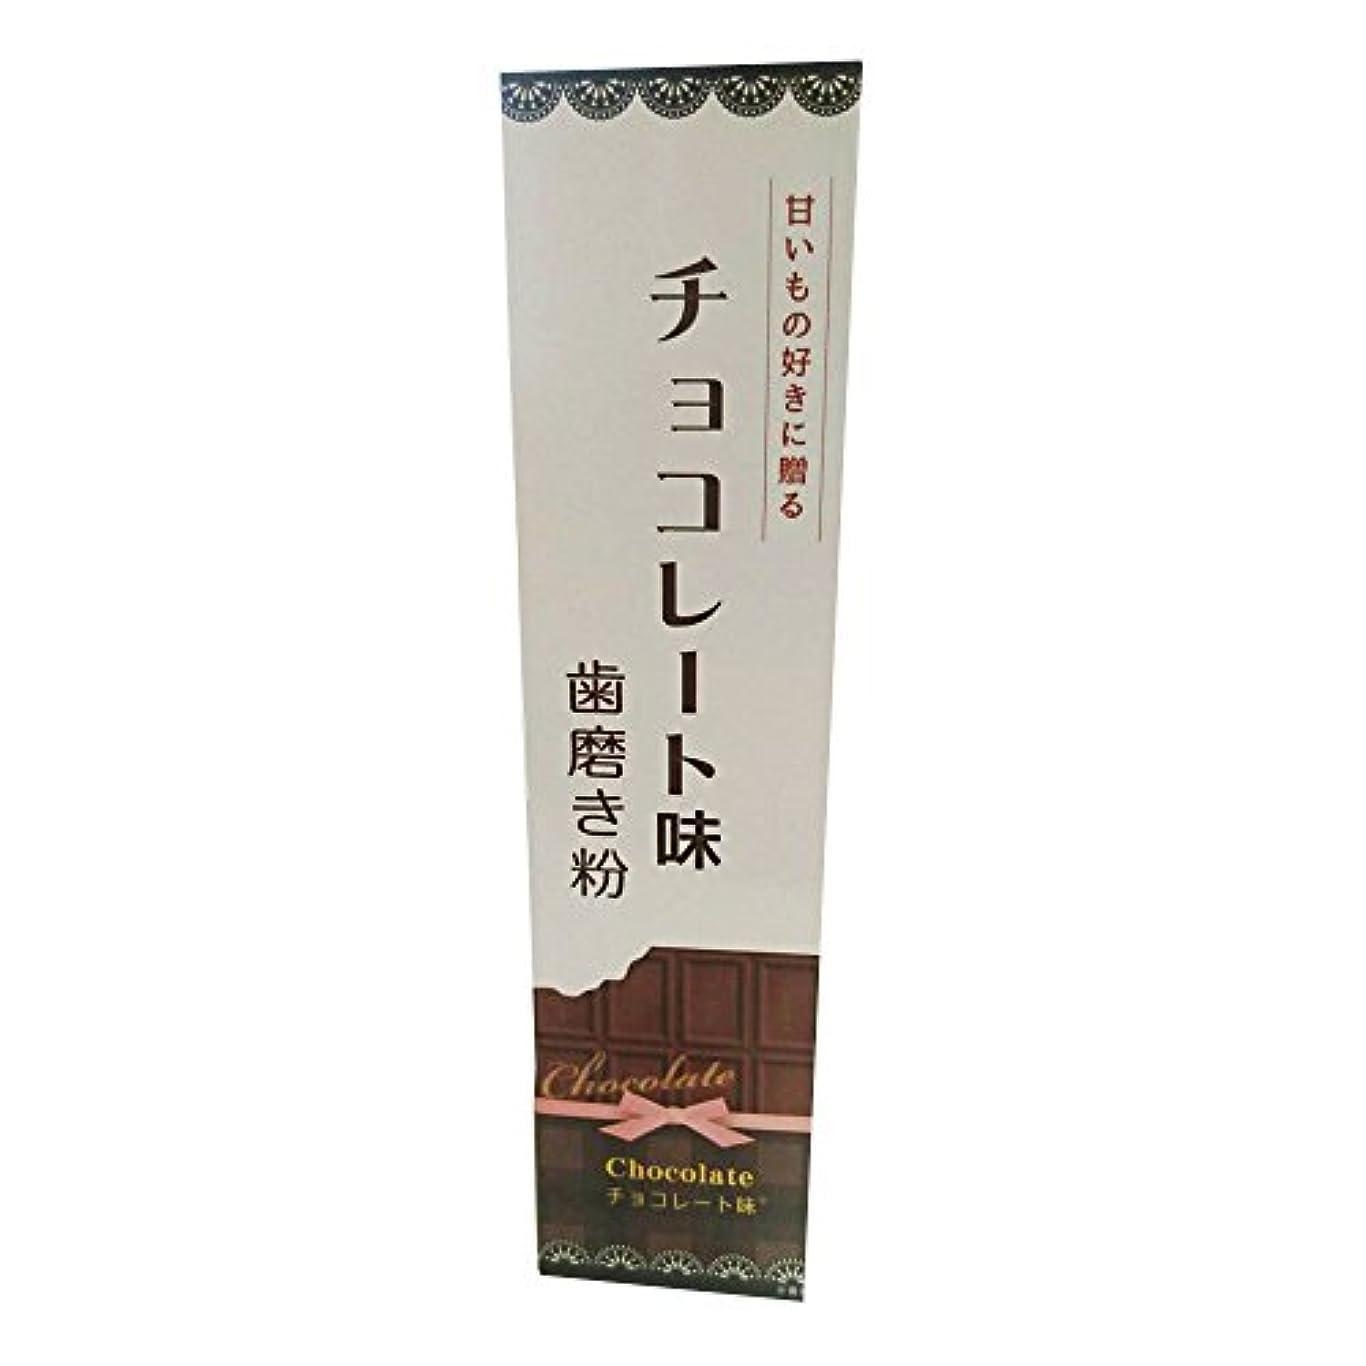 発音振るエレクトロニックフレーバー歯磨き粉チョコレート味 70g